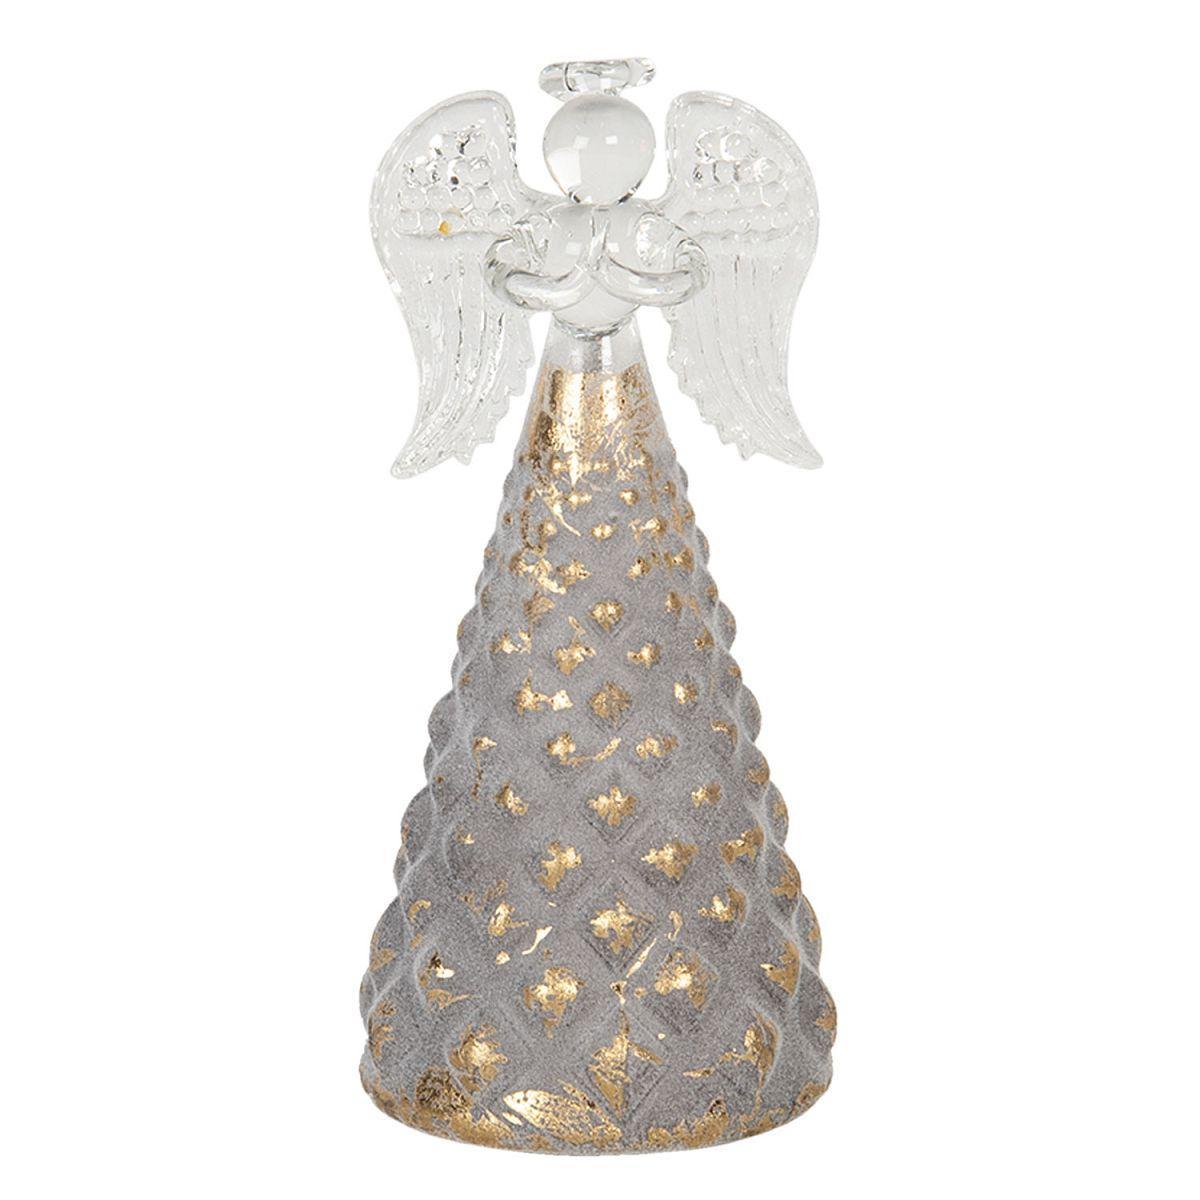 Skleněný svícen na čajovou svíčku ANGEL